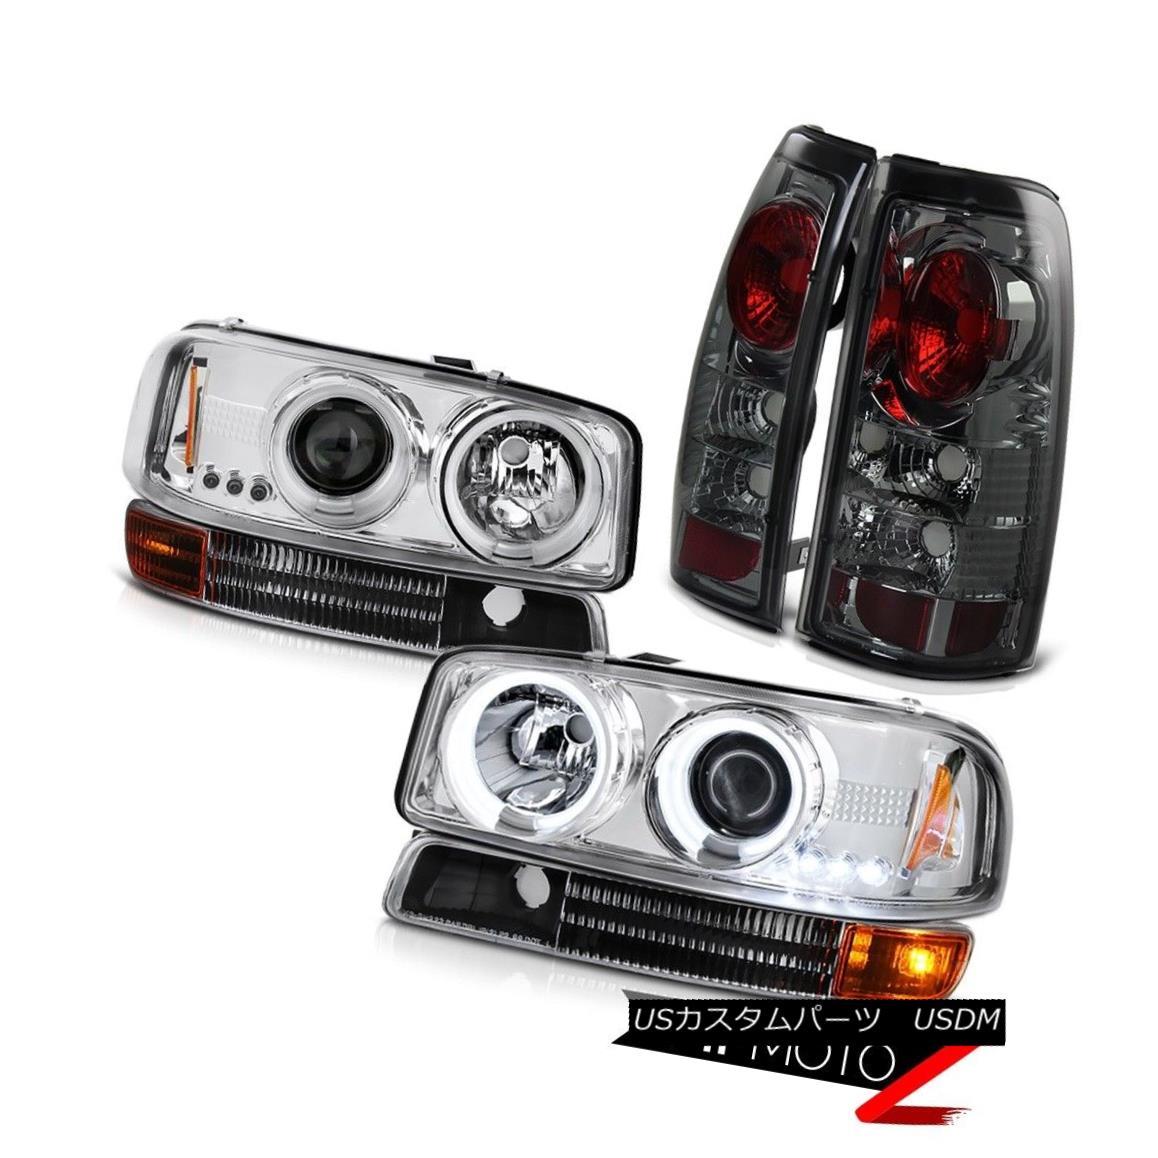 テールライト 99-03 Sierra 2500 3500 Clear CCFL Halo Headlights Parking Tint Brake Tail Lights 99-03 Sierra 2500 3500クリアCCFL Haloヘッドライトパーキングティントブレーキテールライト